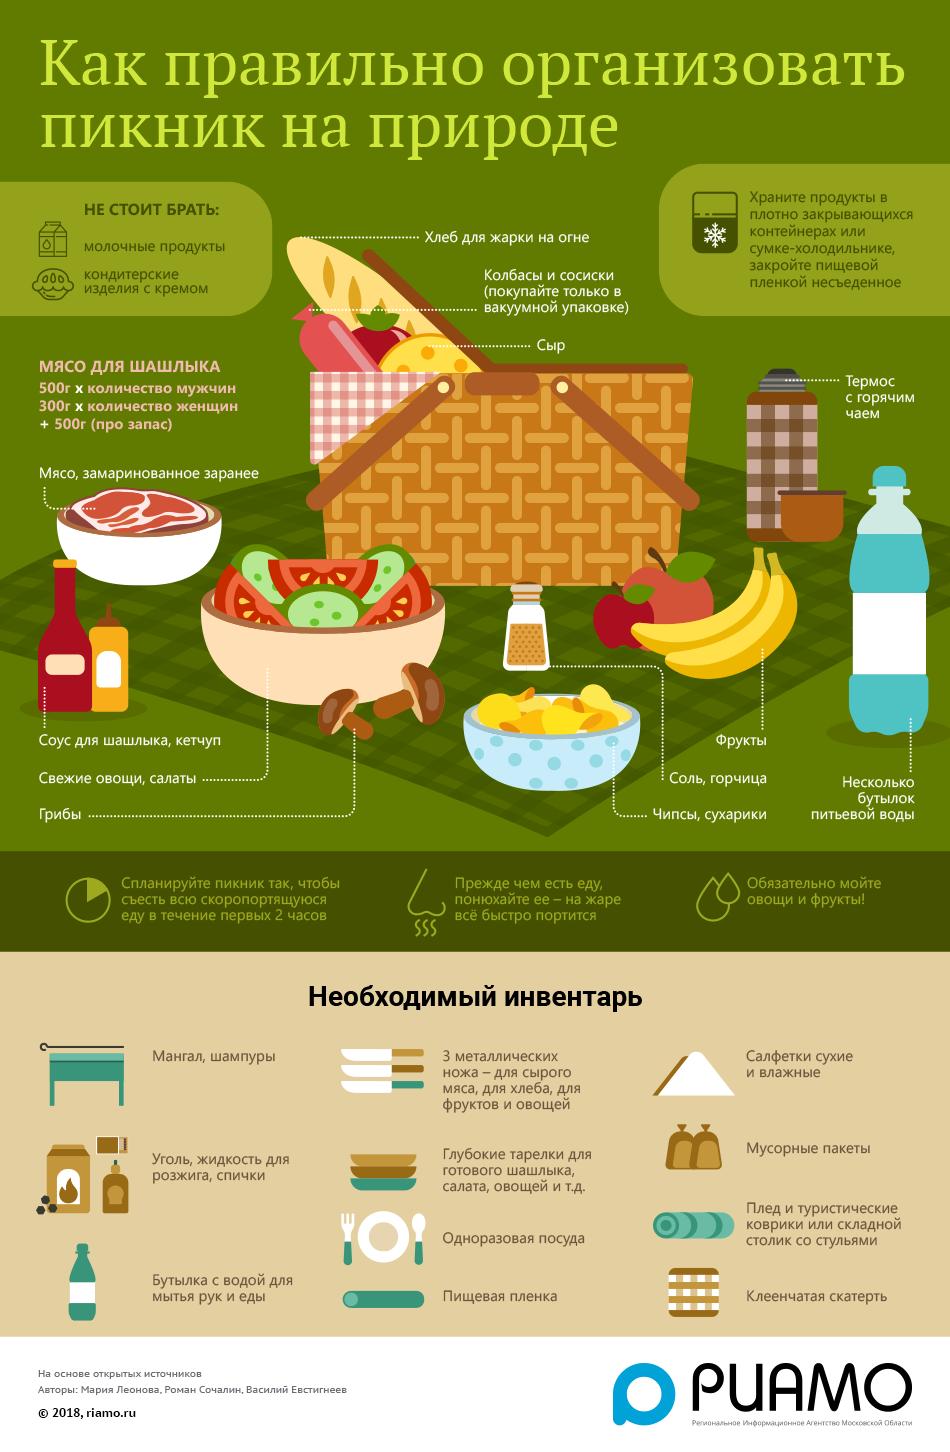 Как организовать пикник: 8 шагов (с иллюстрациями)